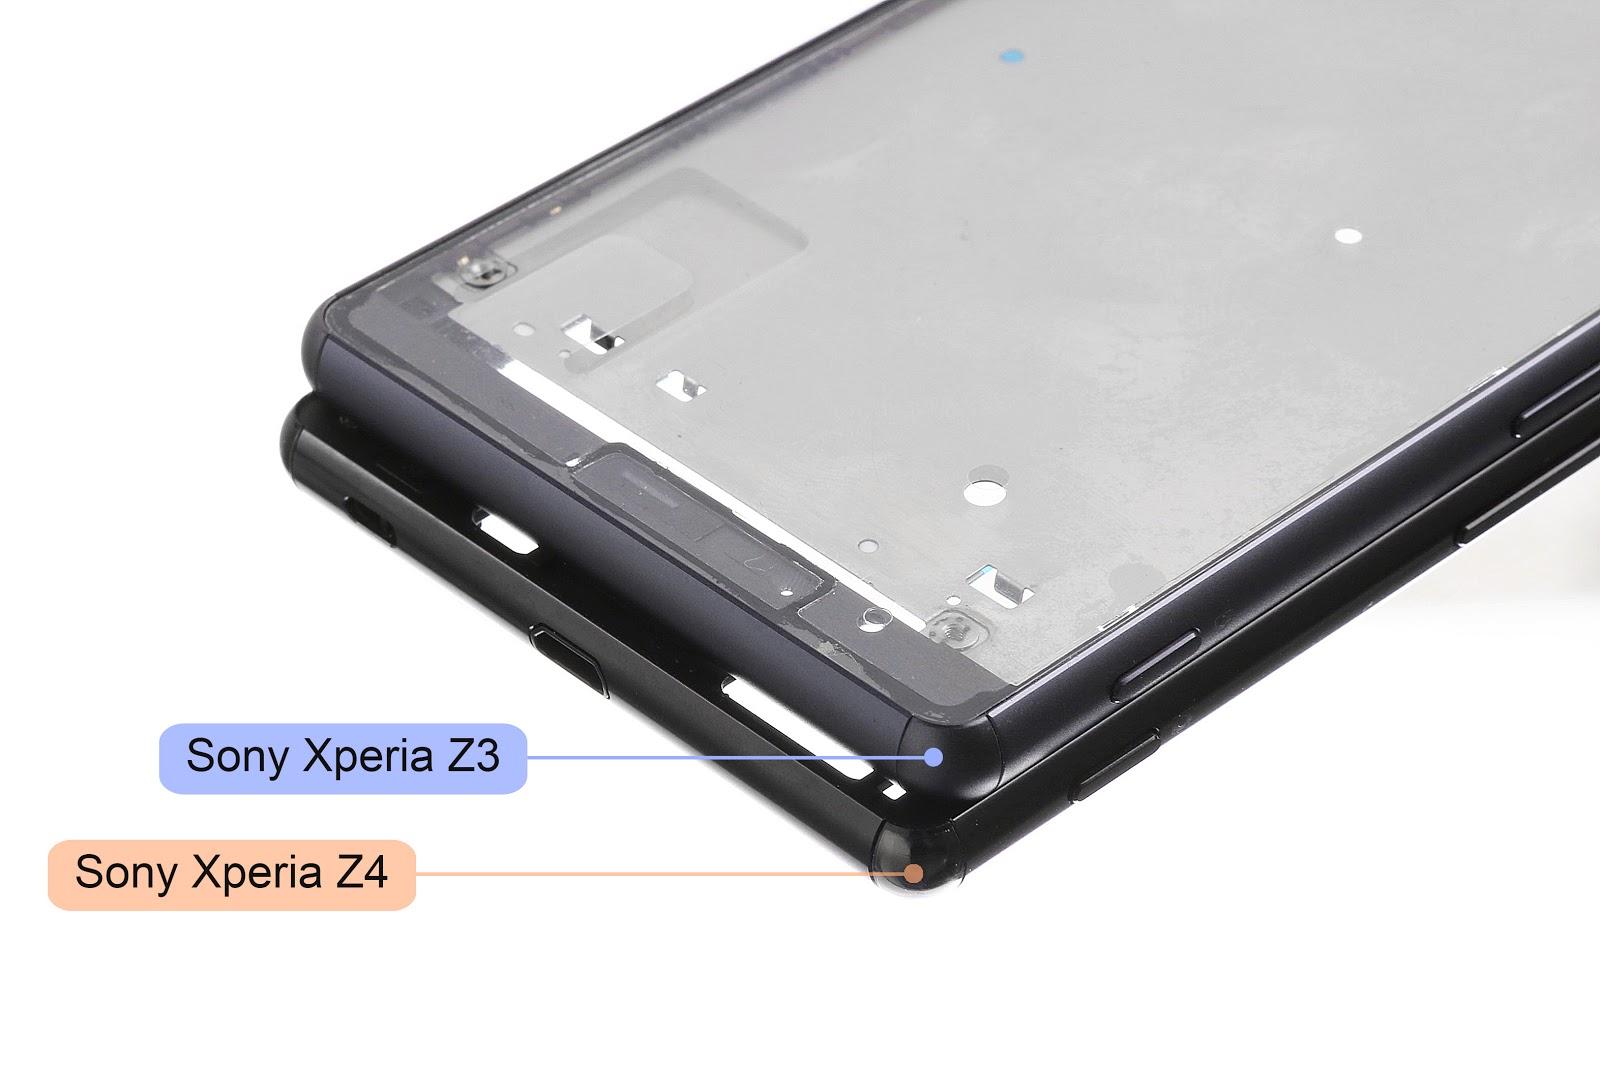 Noi imagini cu sasiul intern al lui Xperia Z4 par a indica un design mai subţire şi lipsa rezistenţei la apă